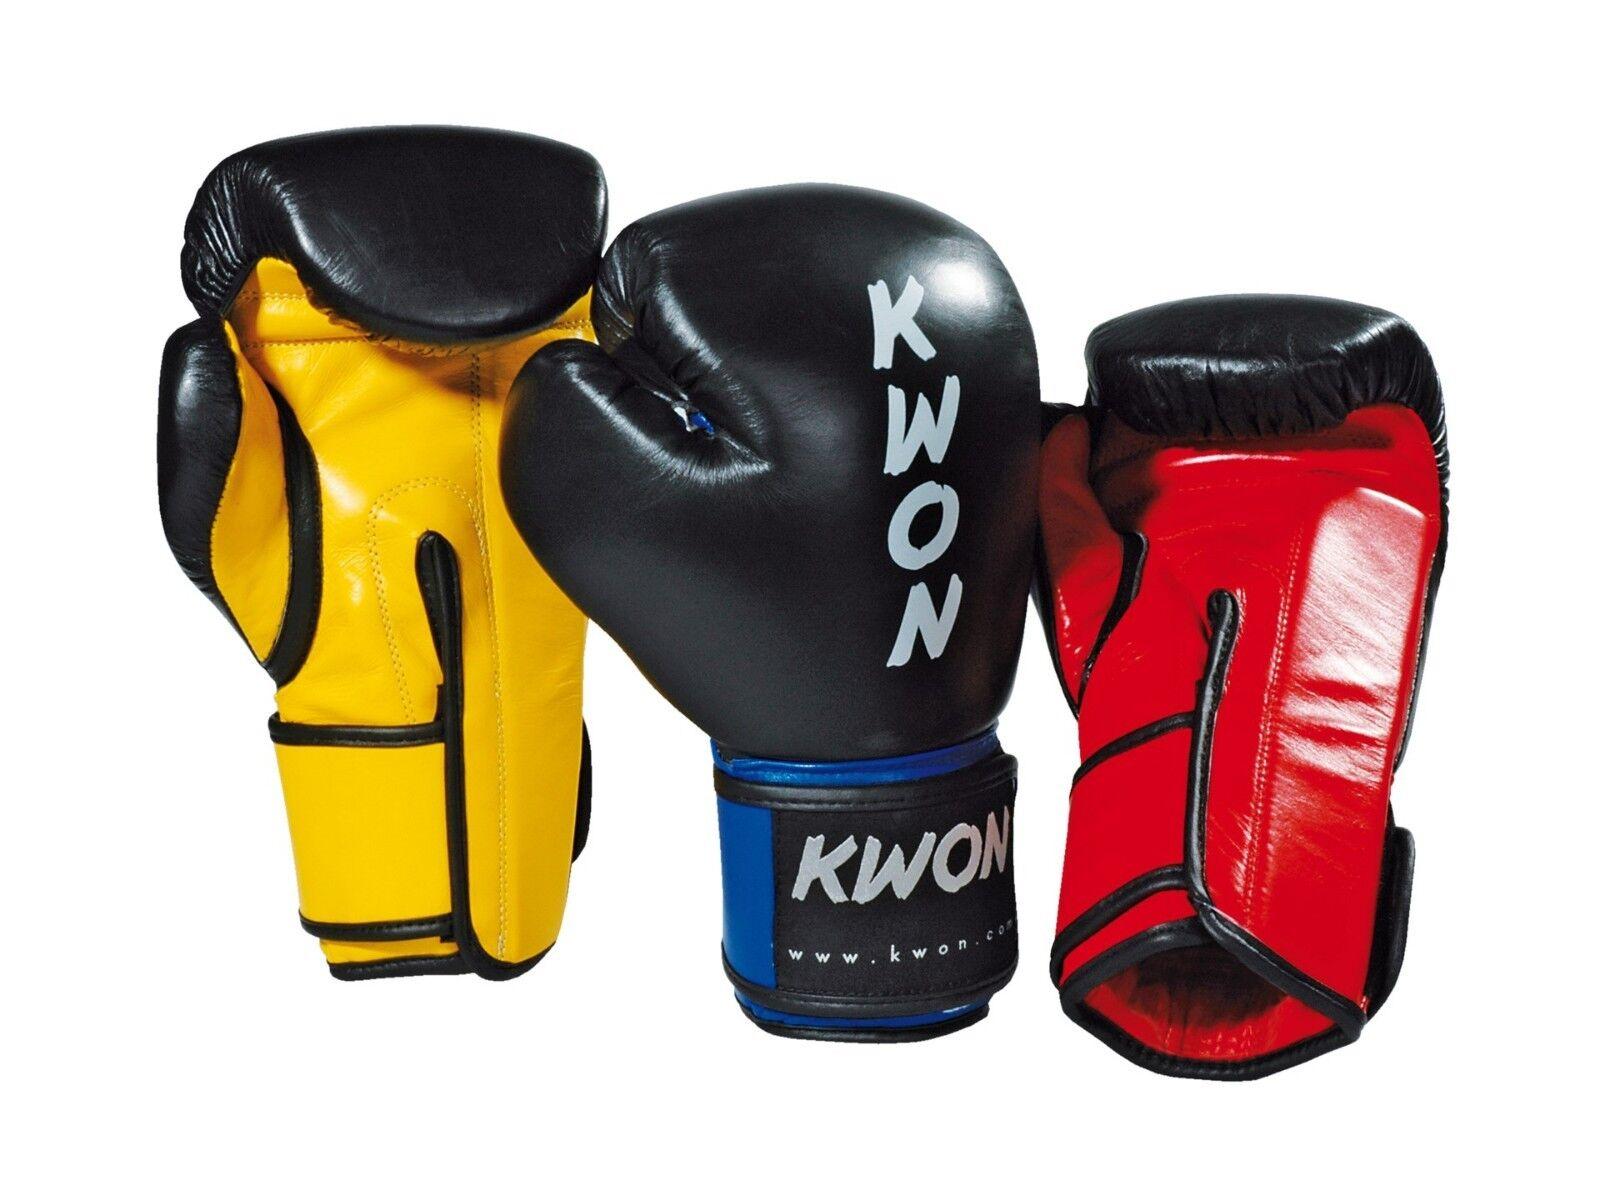 Kwon KO Champ Profi Guantoni da scatolae. 8, 10 u.12oz. di cuoio. scatole, Kick scatolae, MMA